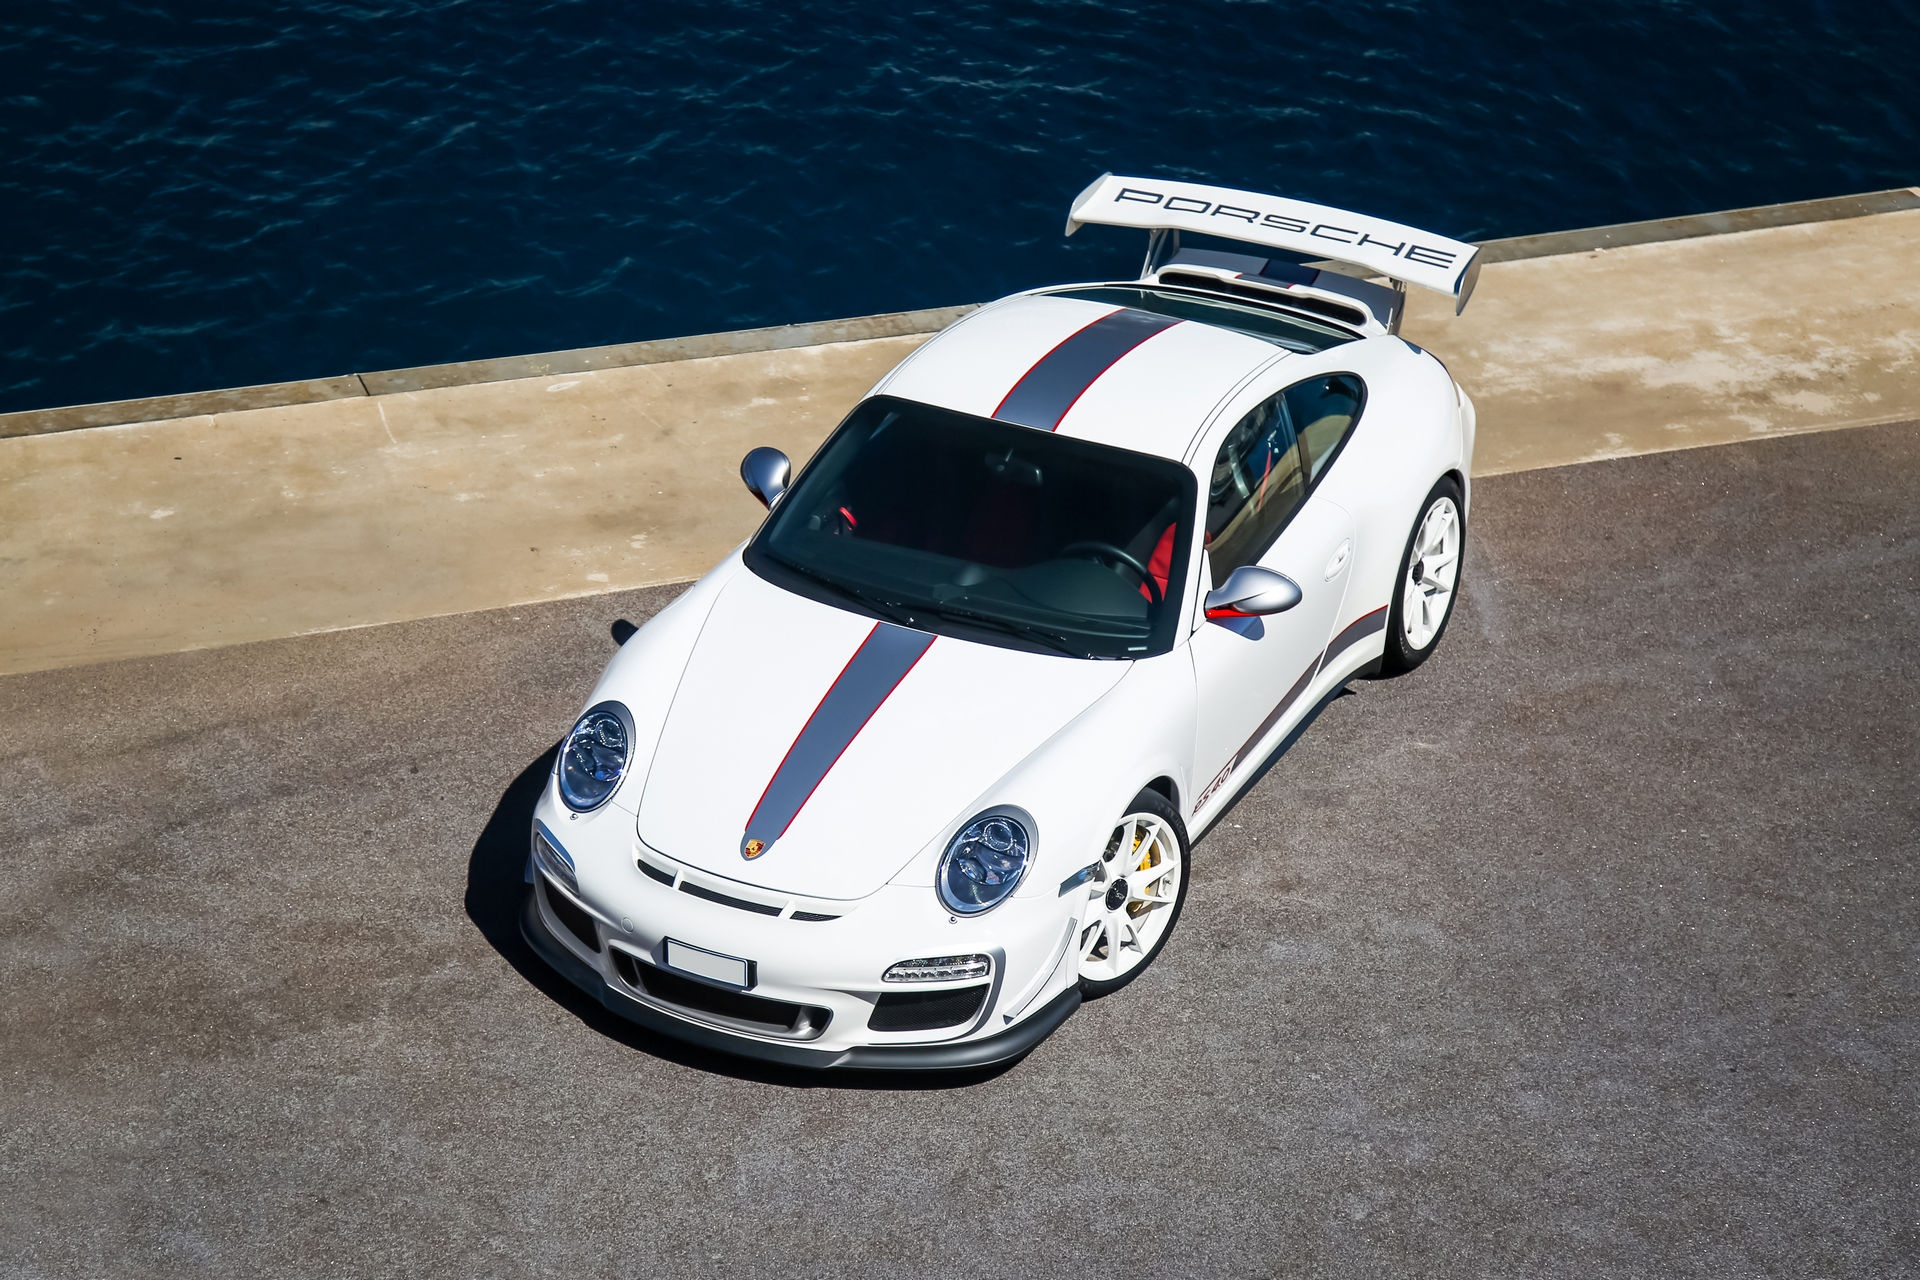 Ngam nhin Porsche 911 GT3 RS 4.0 2011 phien ban gioi han dac biet anh 1